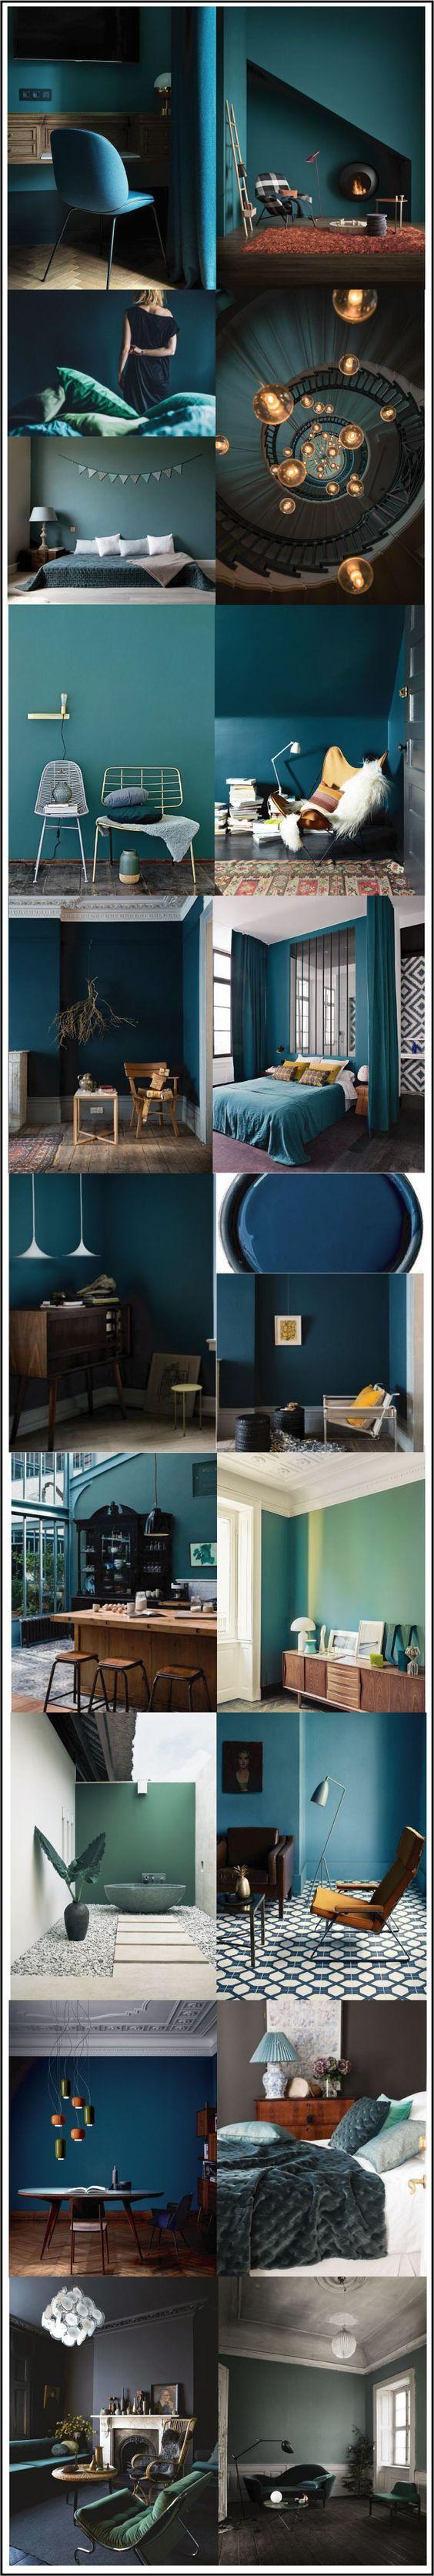 On ne sait jamais si c'est du bleu ou du vert. C'est un dilemme. Le nuance est subtile, dansante, vibrante… un peu comme les dégradés de couleurs bleu vert des plumes d'une queue de paon. Certains d'a